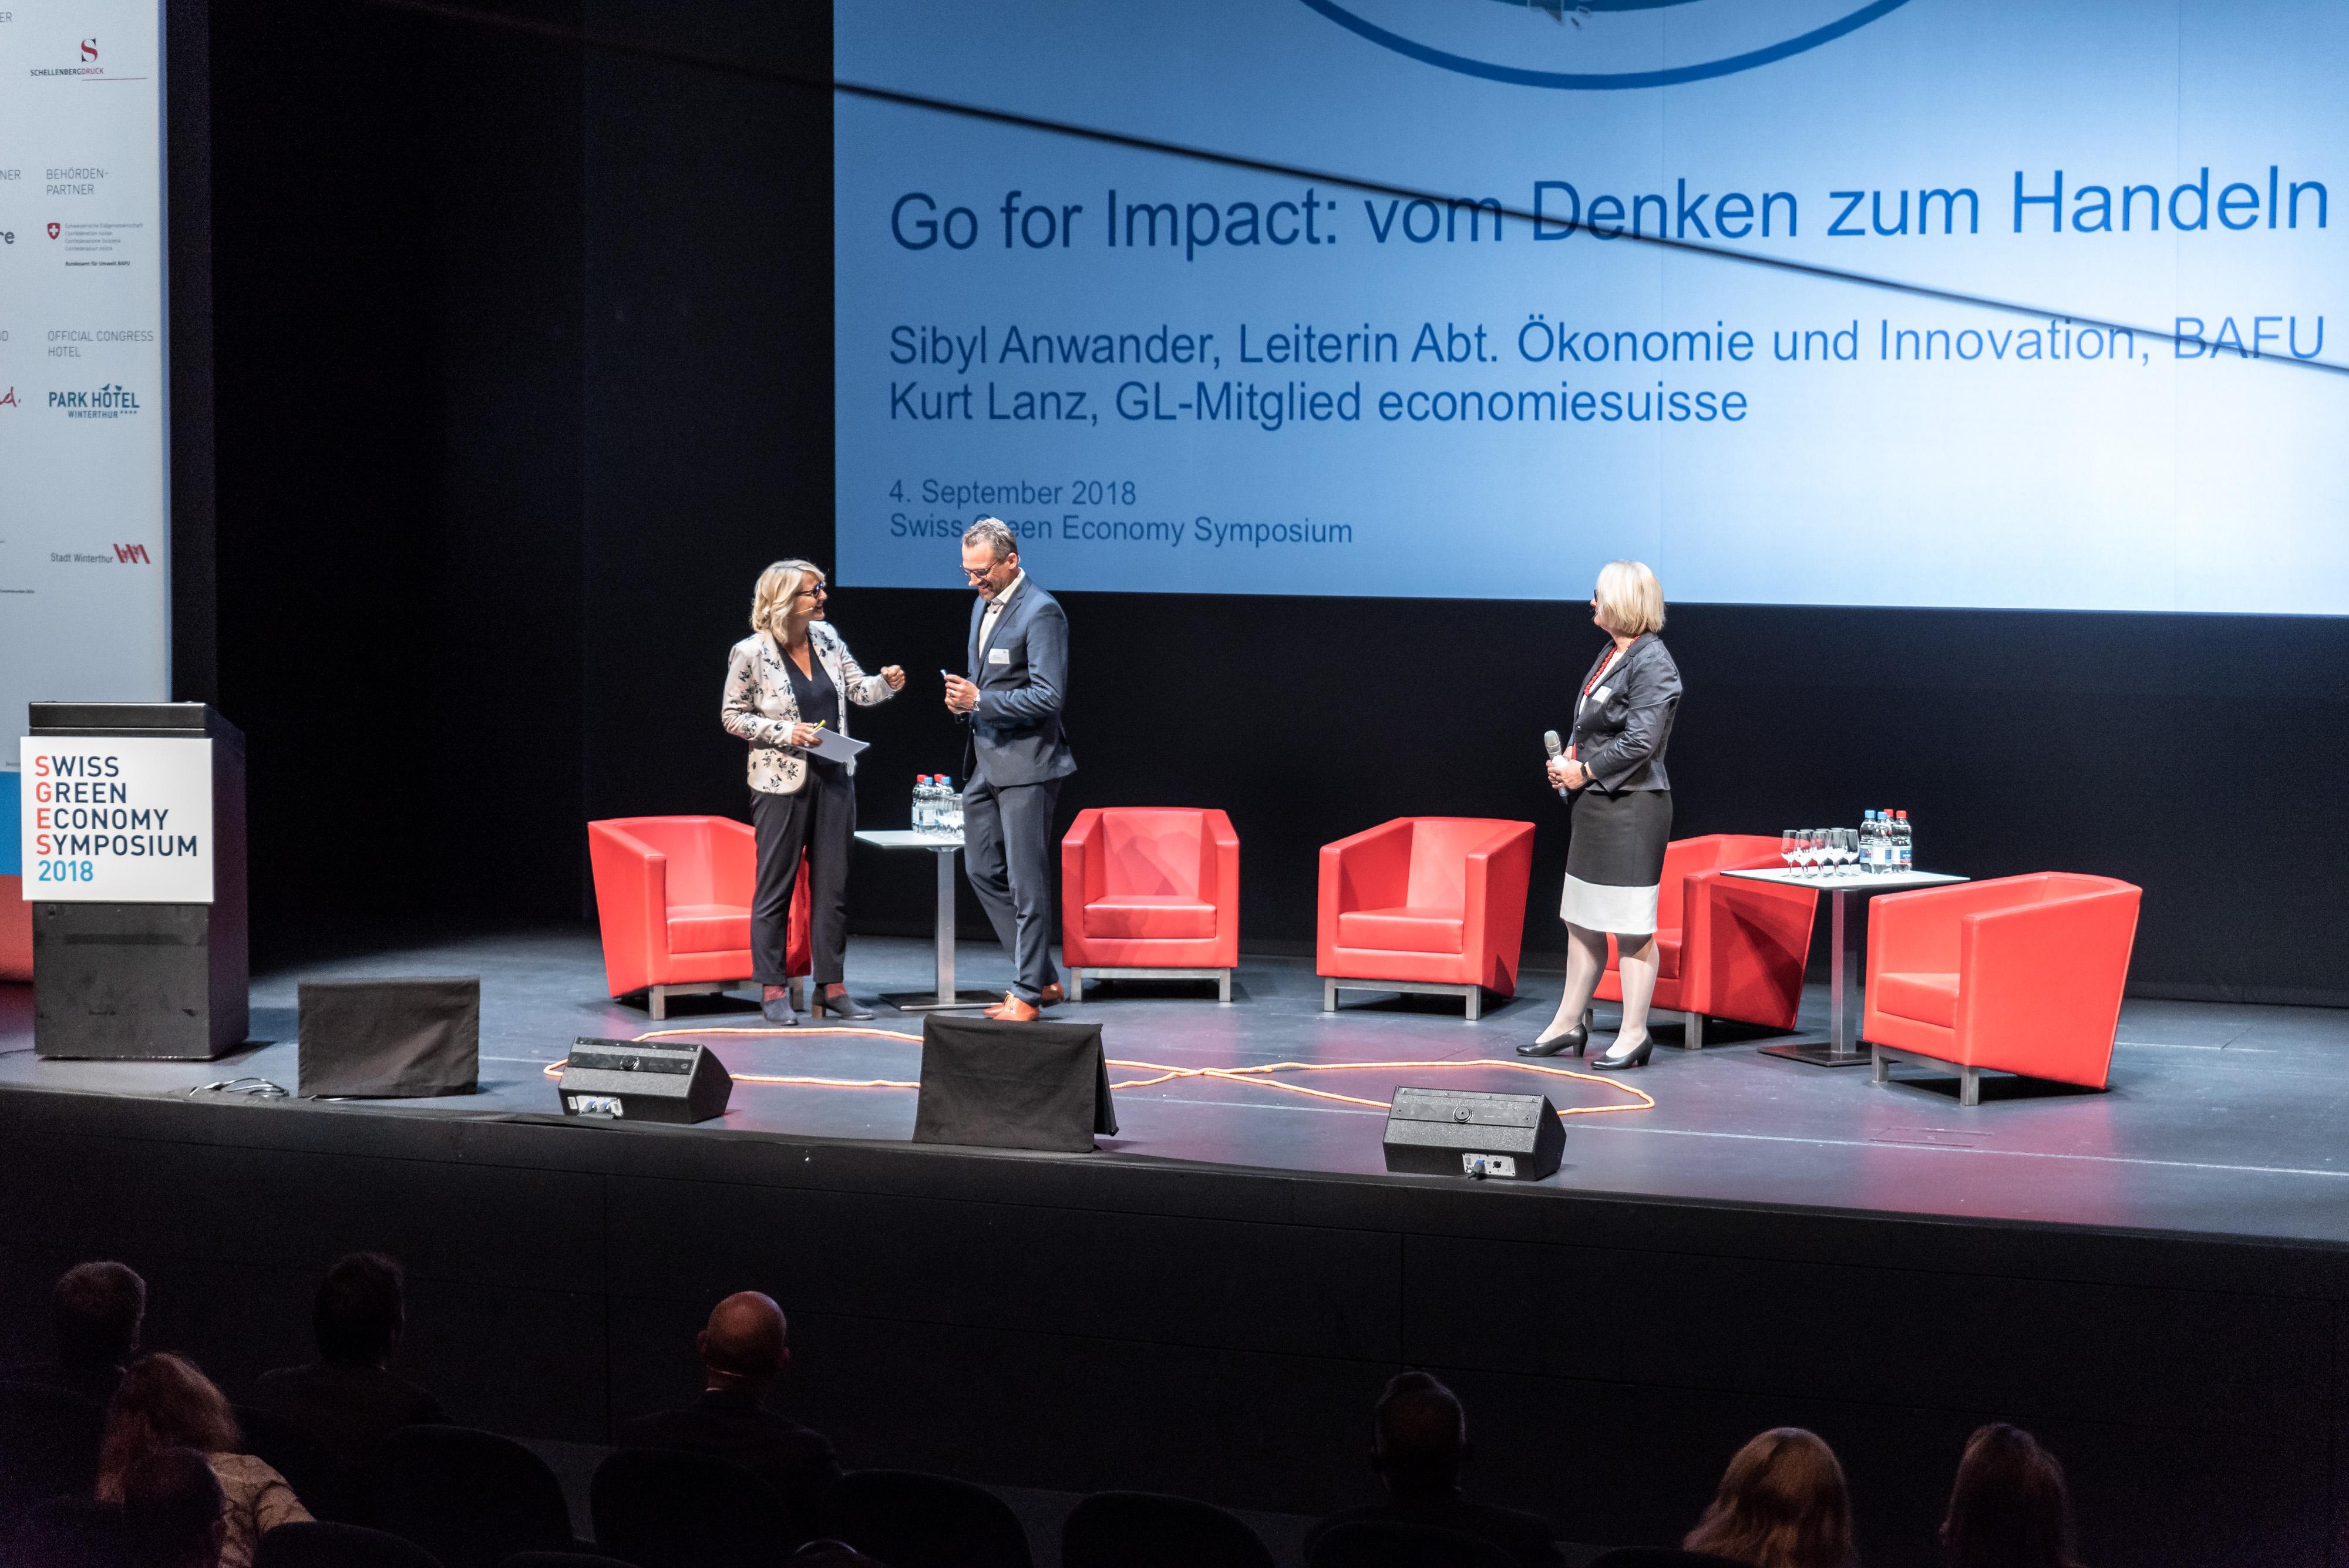 SGES 2018: Keynotes Sibyl Anwander, Leiterin Abteilung Ökonomie und Innovation BAFU und Kurt Lanz, Mitglied der GL economiesuisse